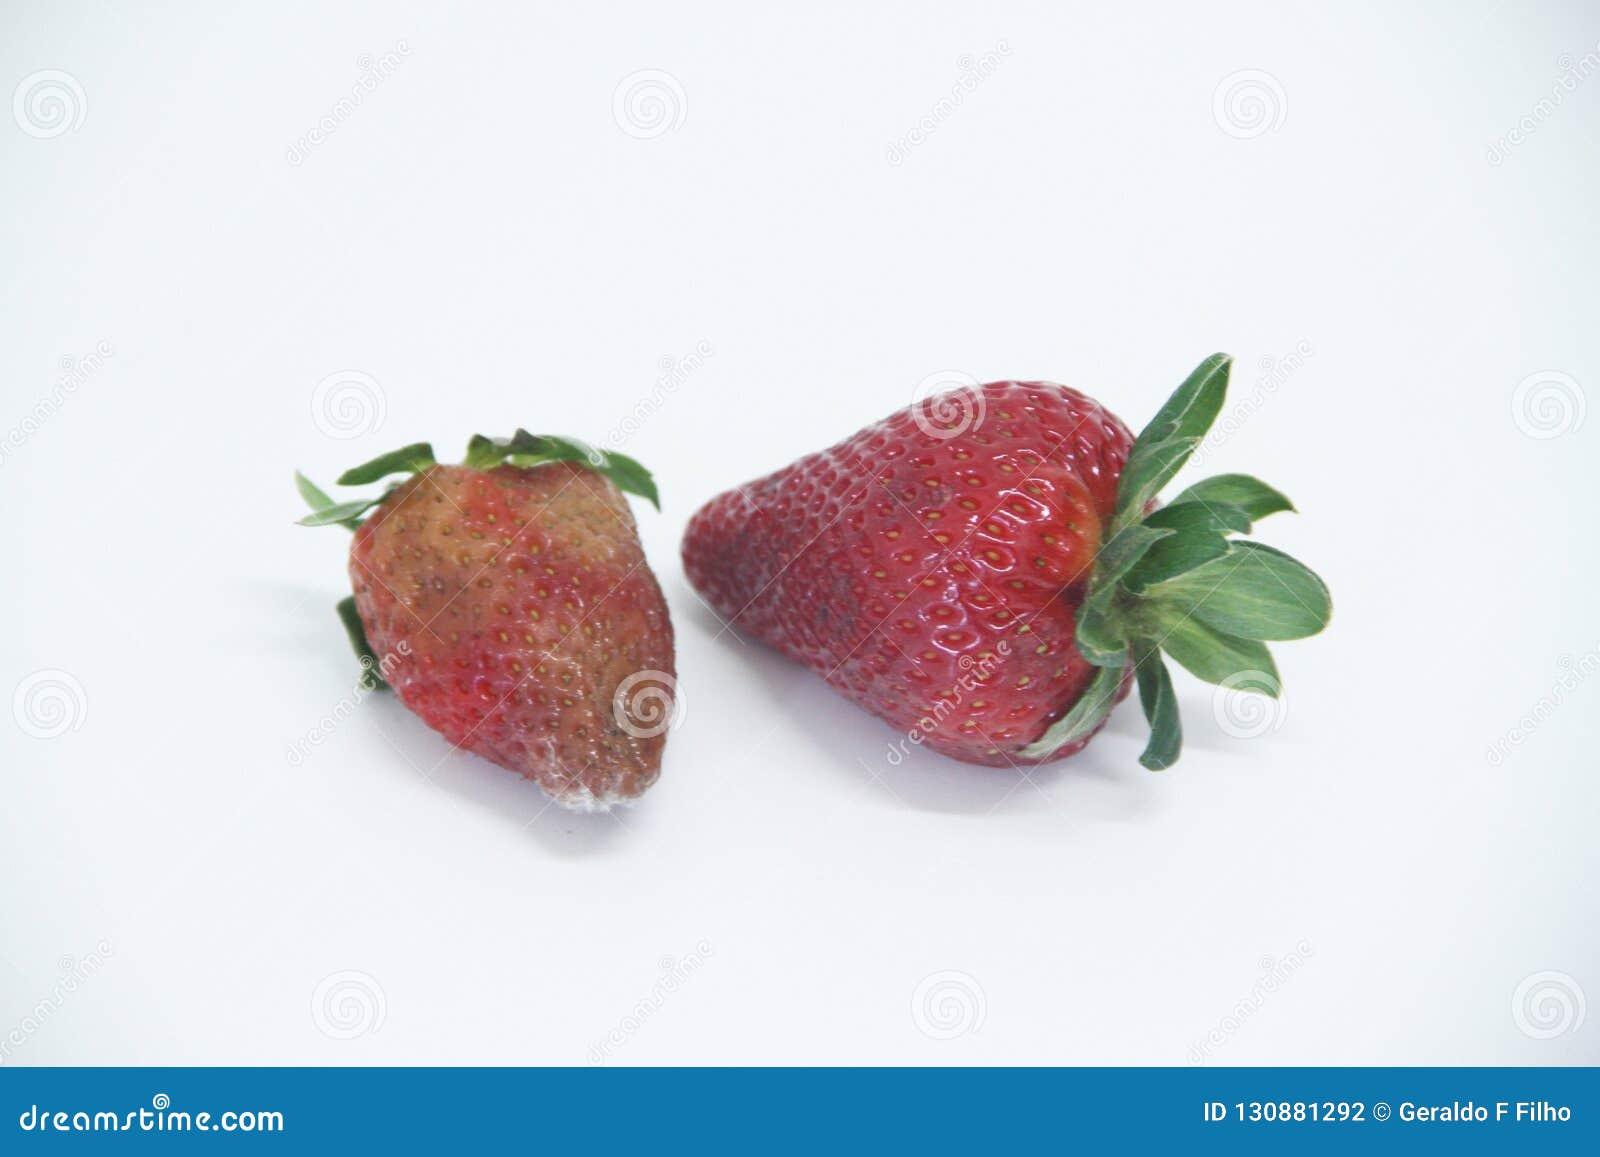 Sao Paulo Brazil för frukt för form för jordgubbemat åkerbruk isolerad läcker healthful